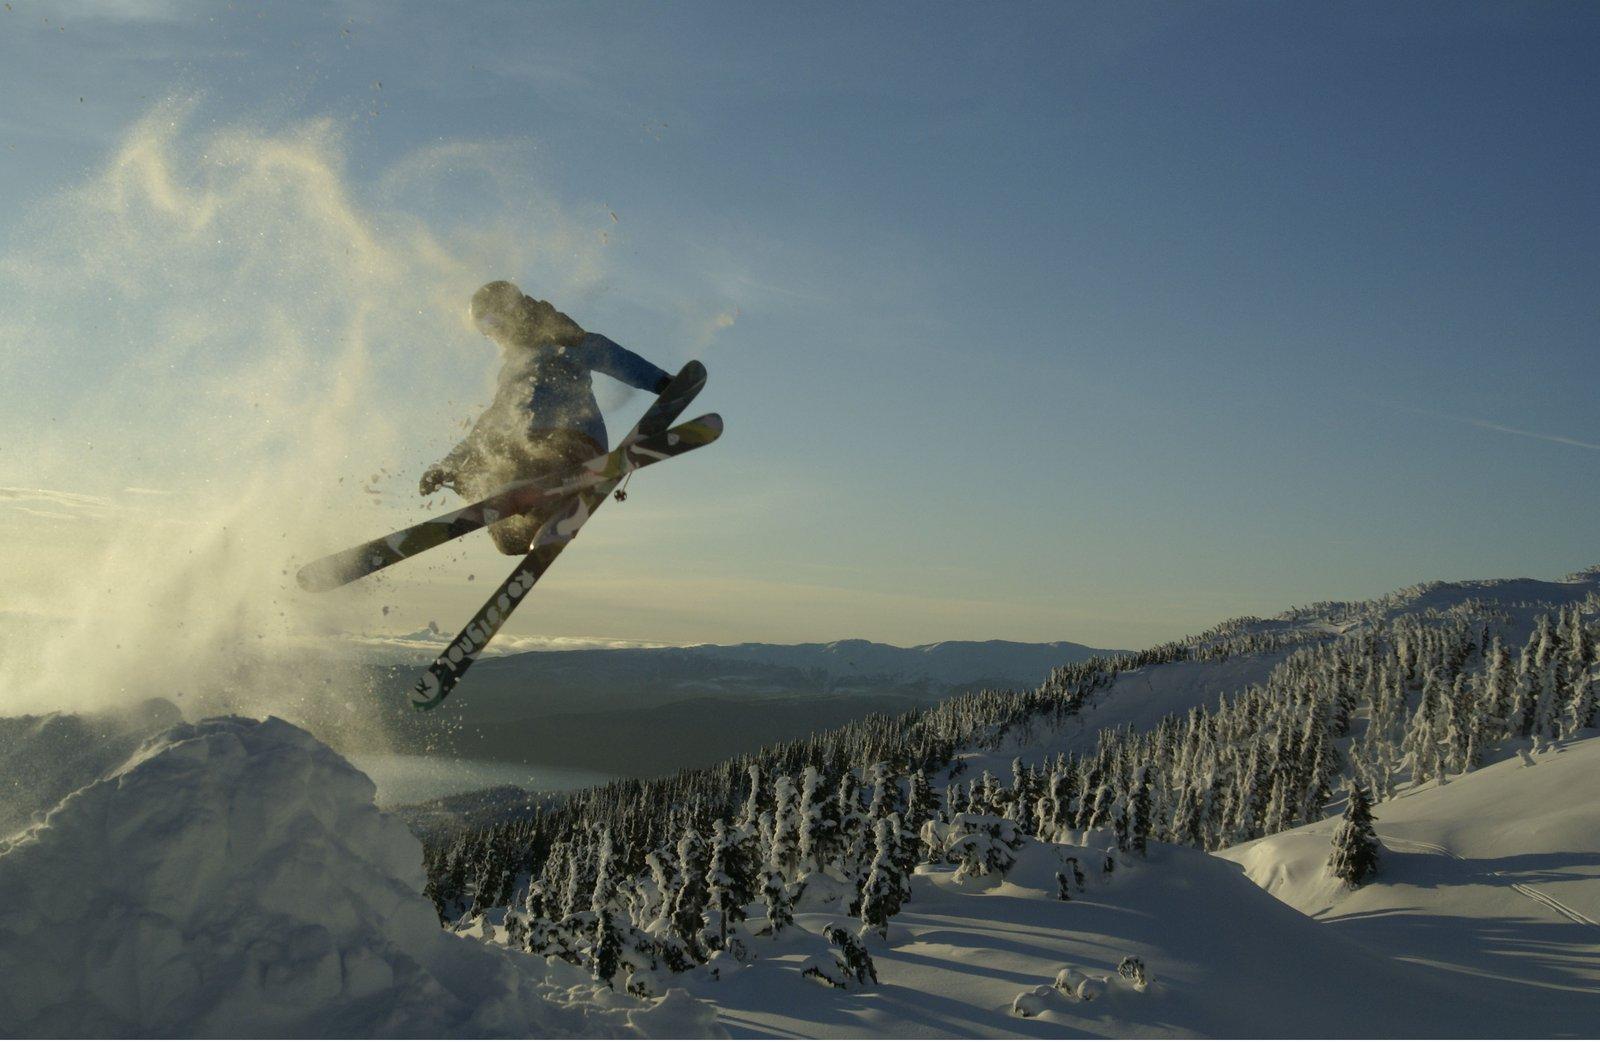 Ski muncher